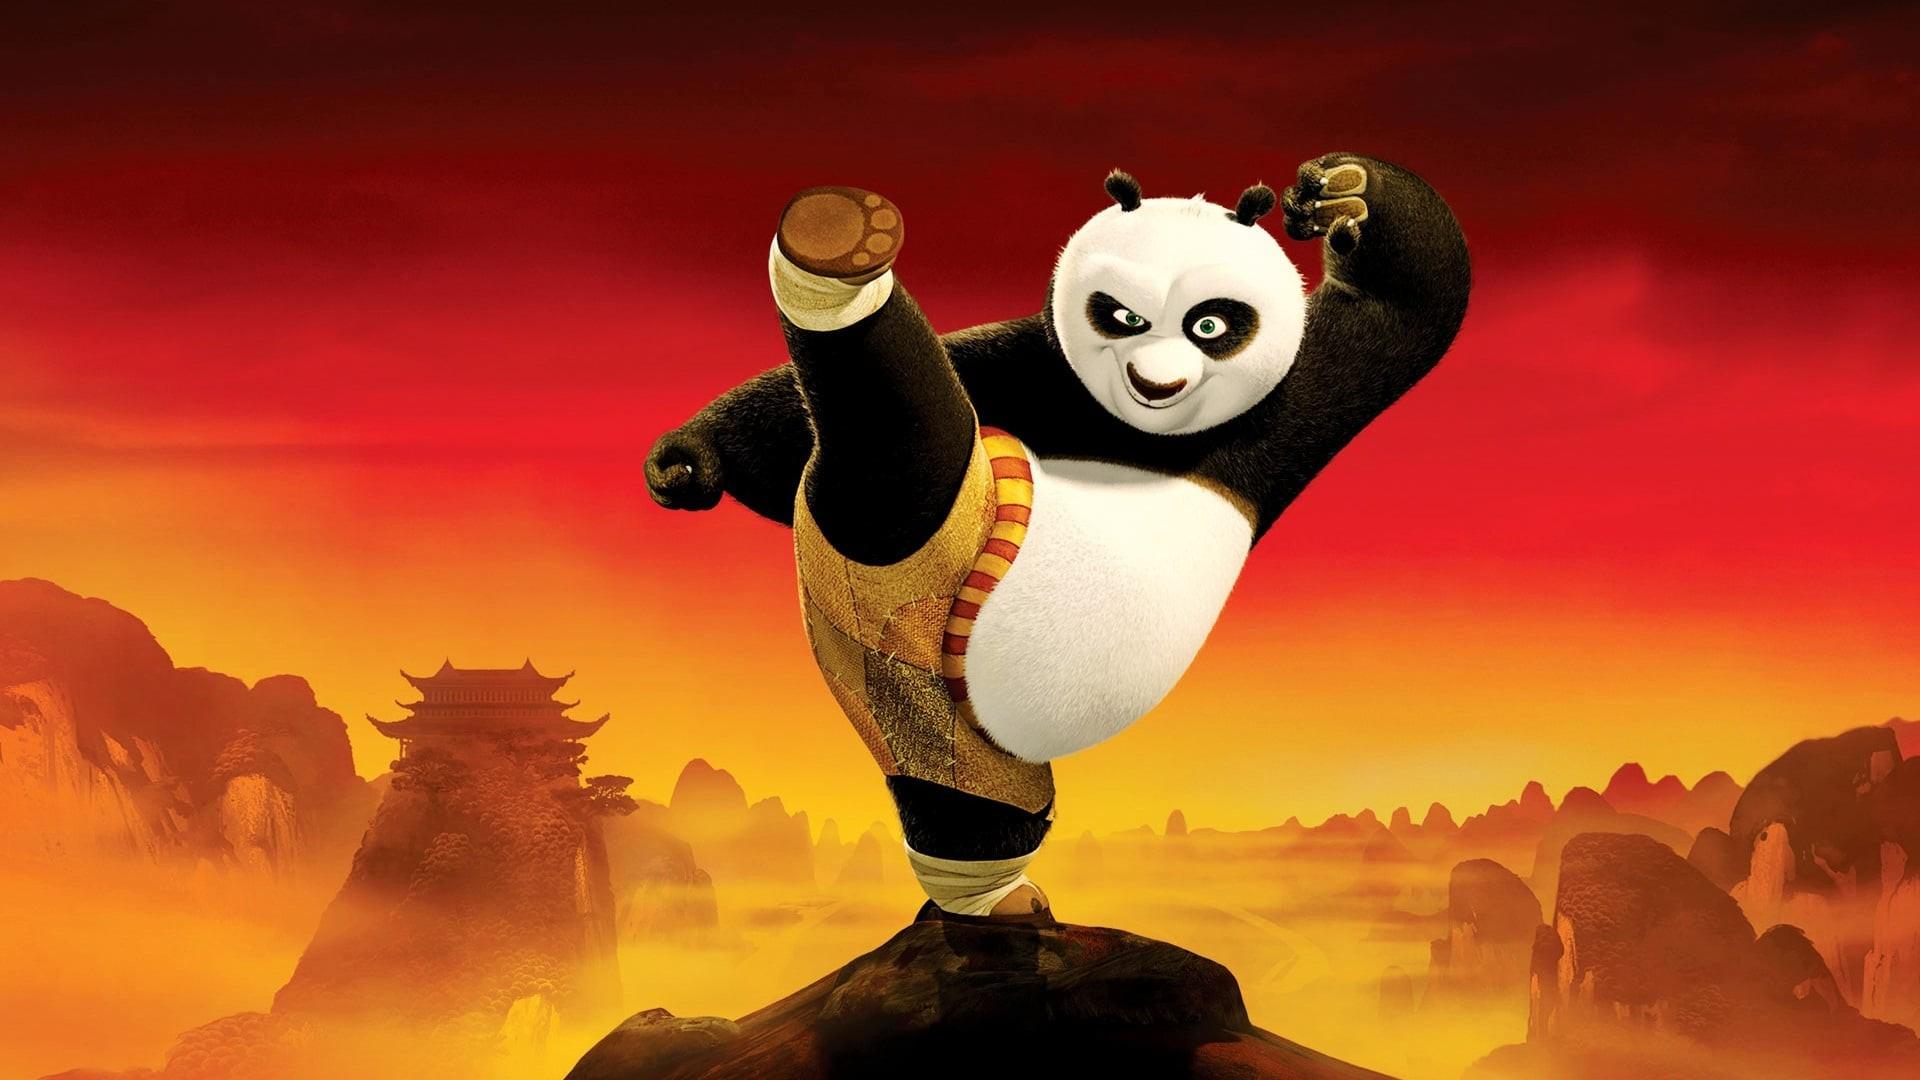 Panda hd wallpaper 79 images - Kung fu panda wallpaper ...